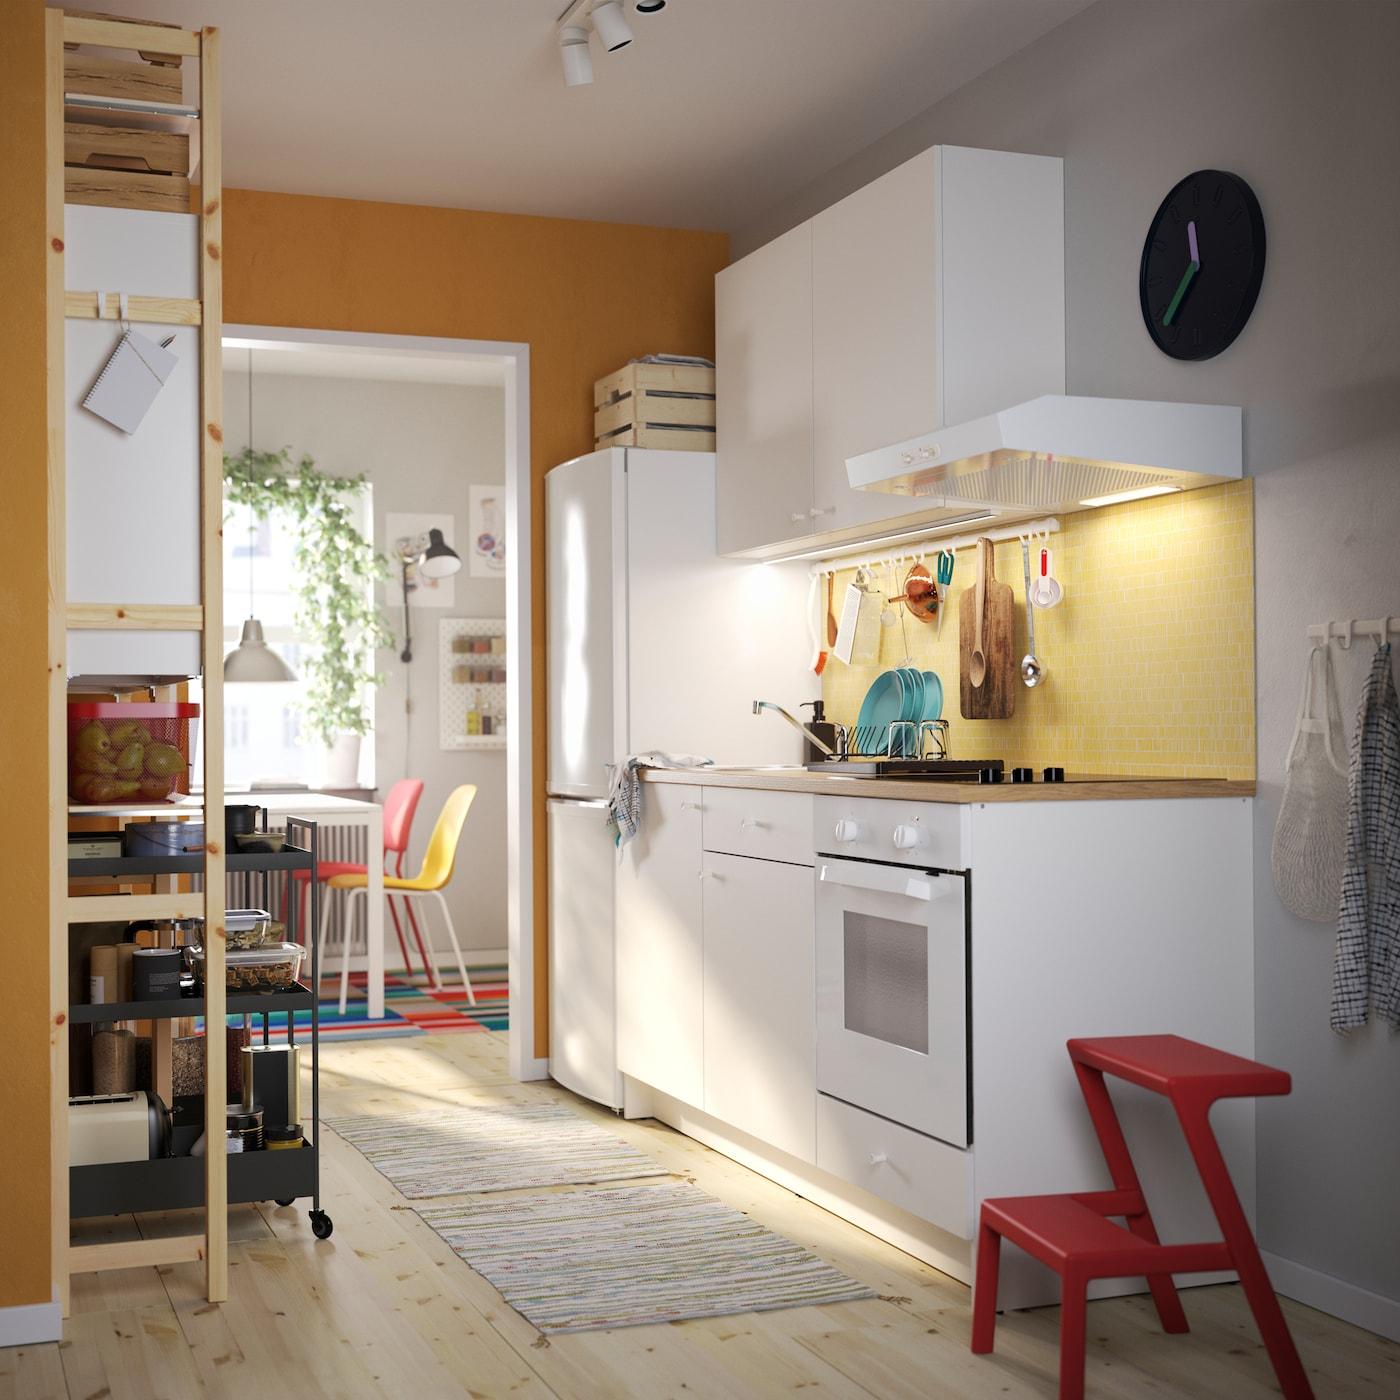 Uma cozinha KNOXHULT em branco, um escadote vermelho com dois degraus, uma estante em pinho, carrinhos pretos e cadeiras de cozinha coloridas.